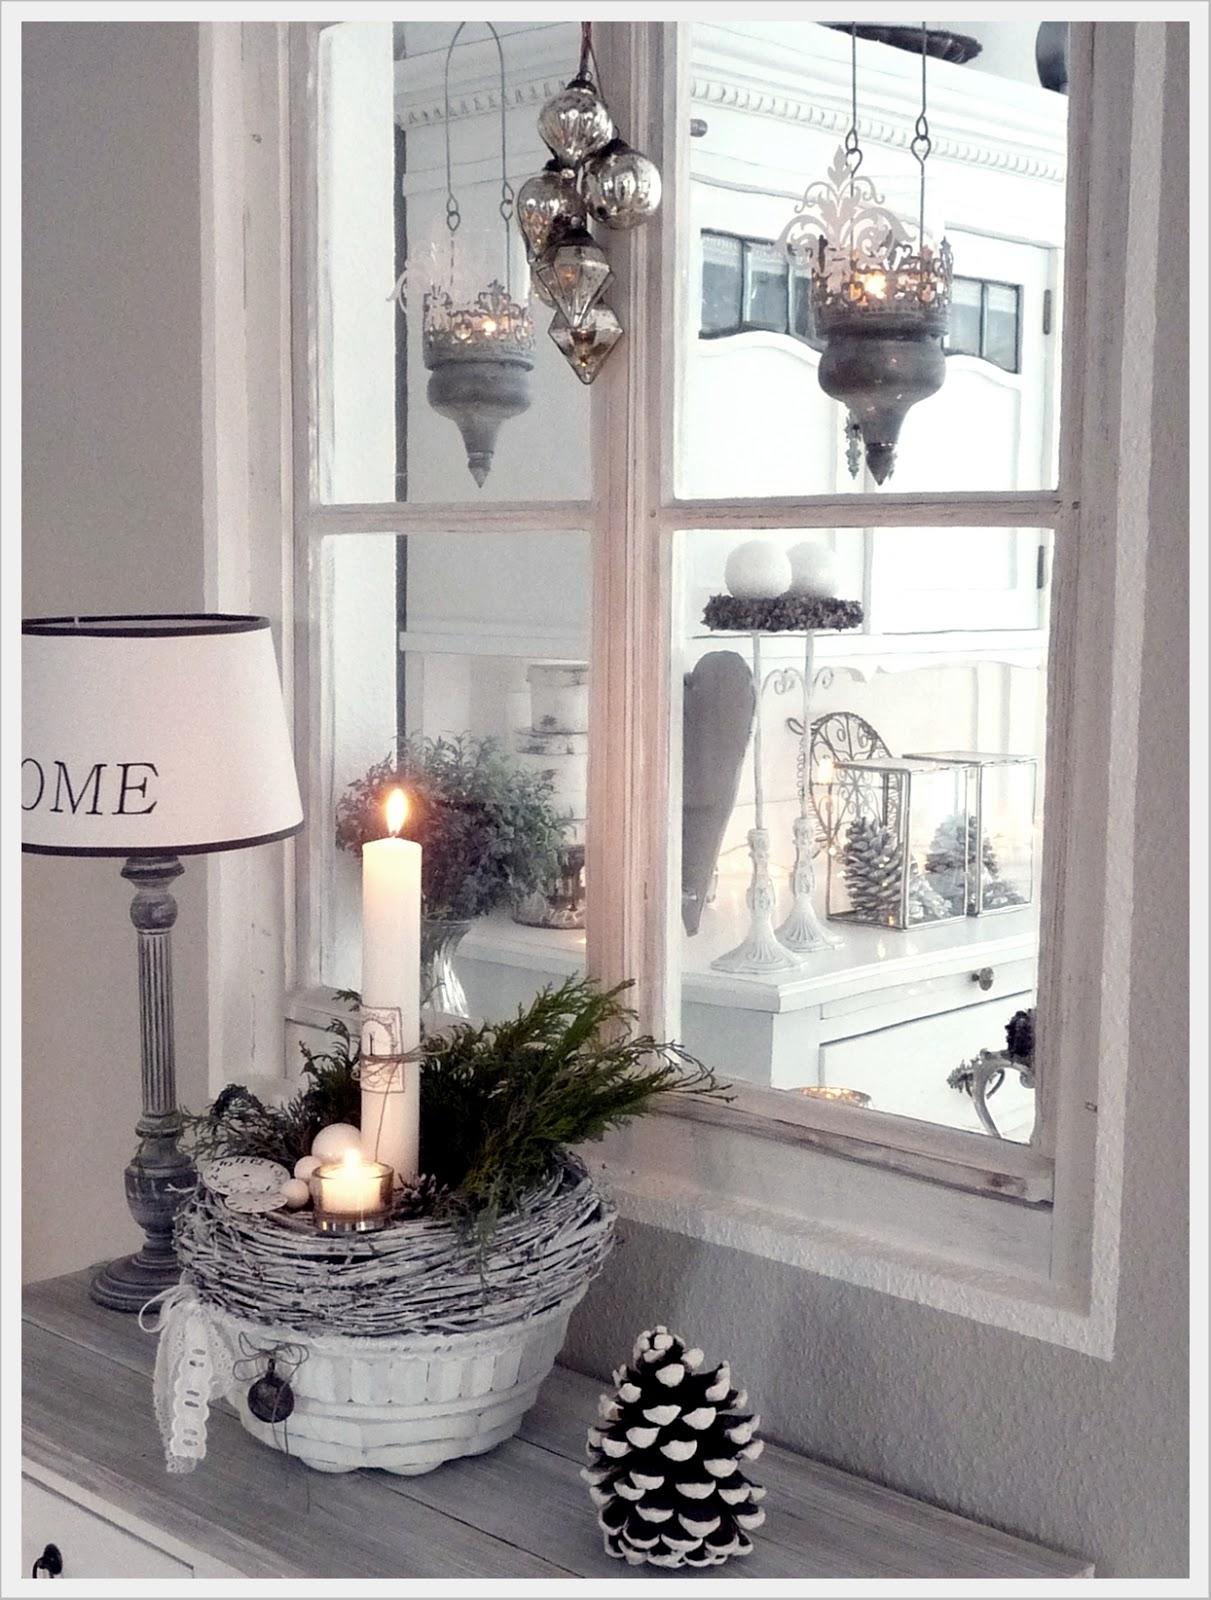 Homely tw o tannebaum for Fensterbank deko weihnachten